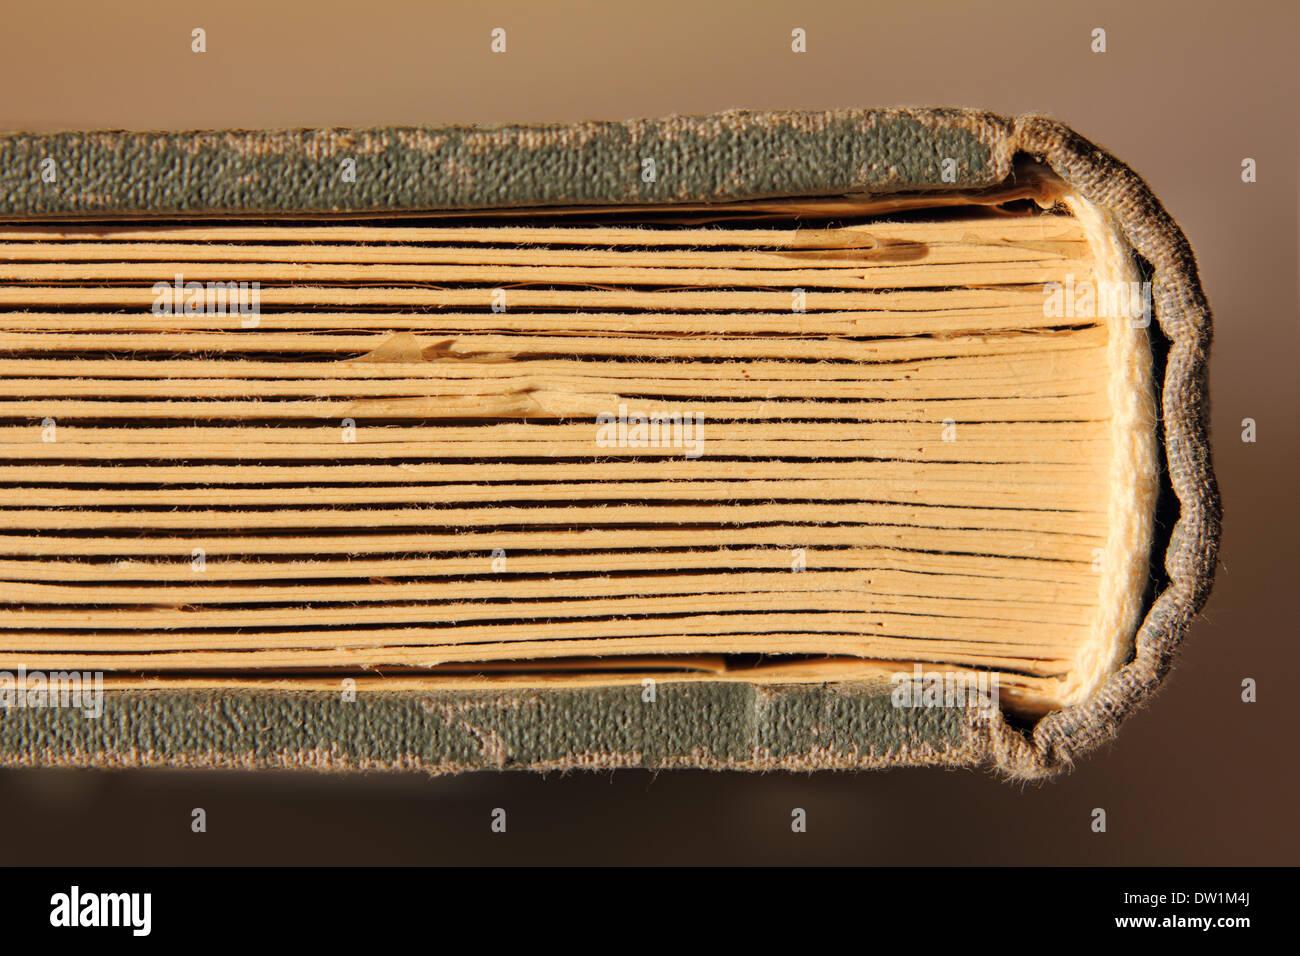 Vieux livre avec pages de carton Photo Stock